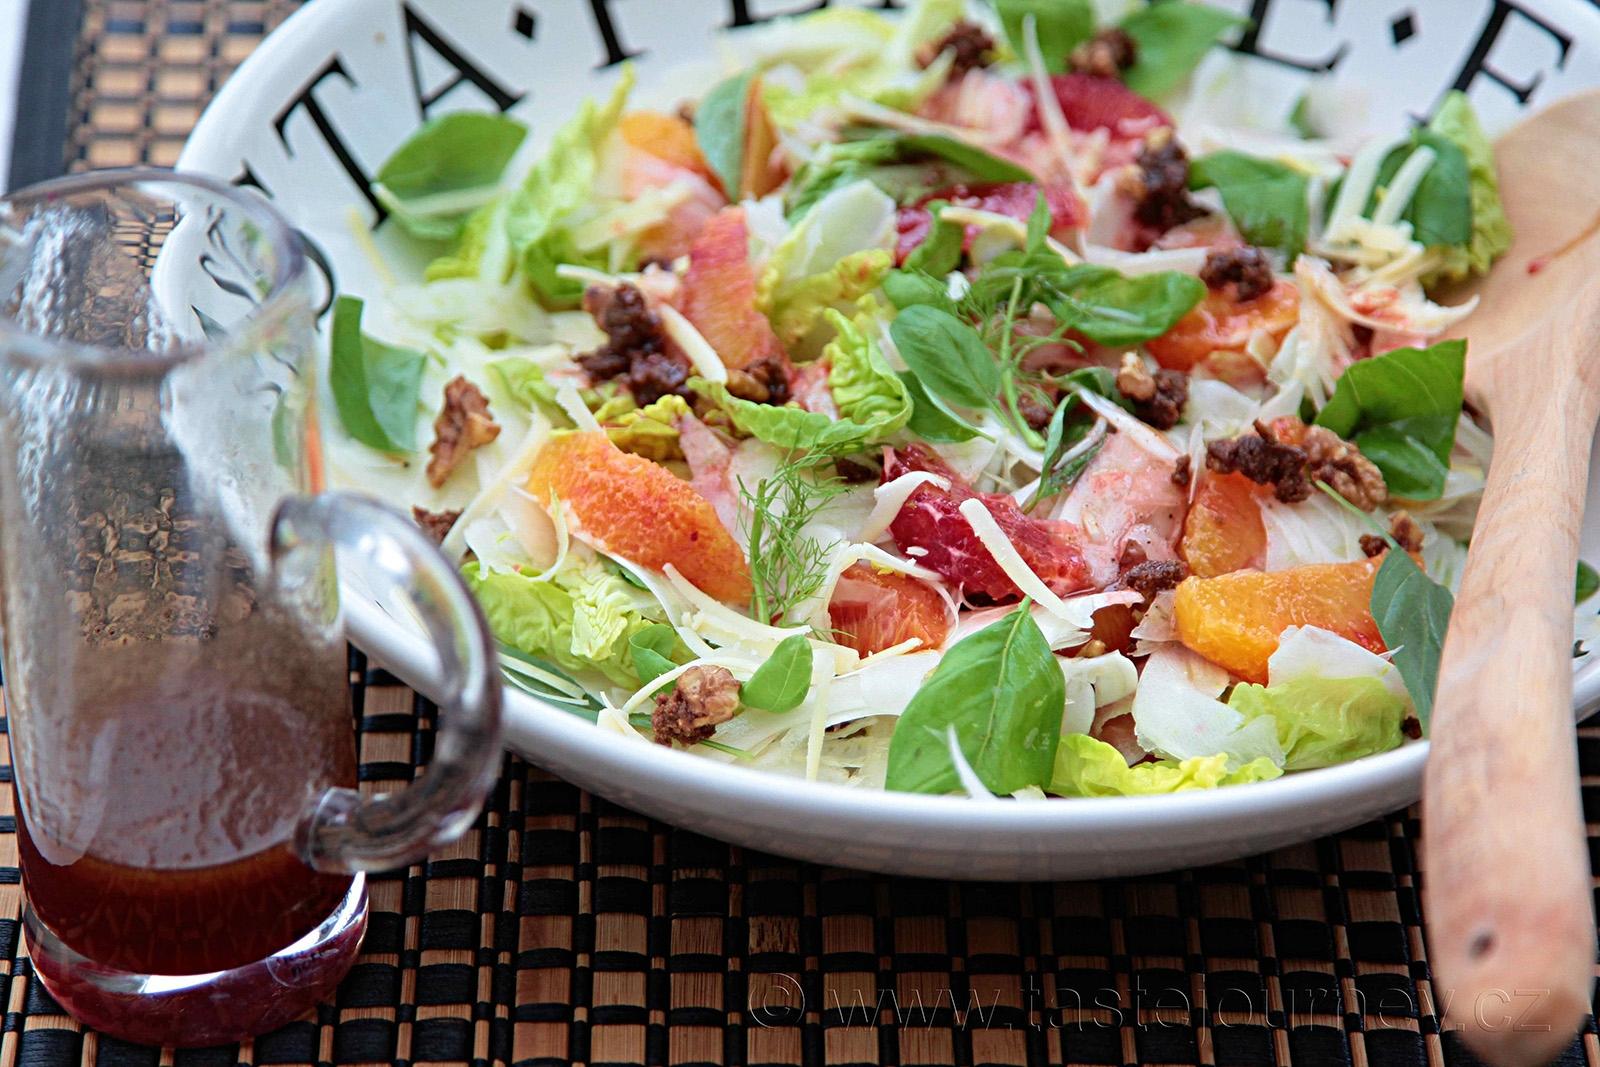 Fenyklový salát s krvavými pomeranči a ořechy